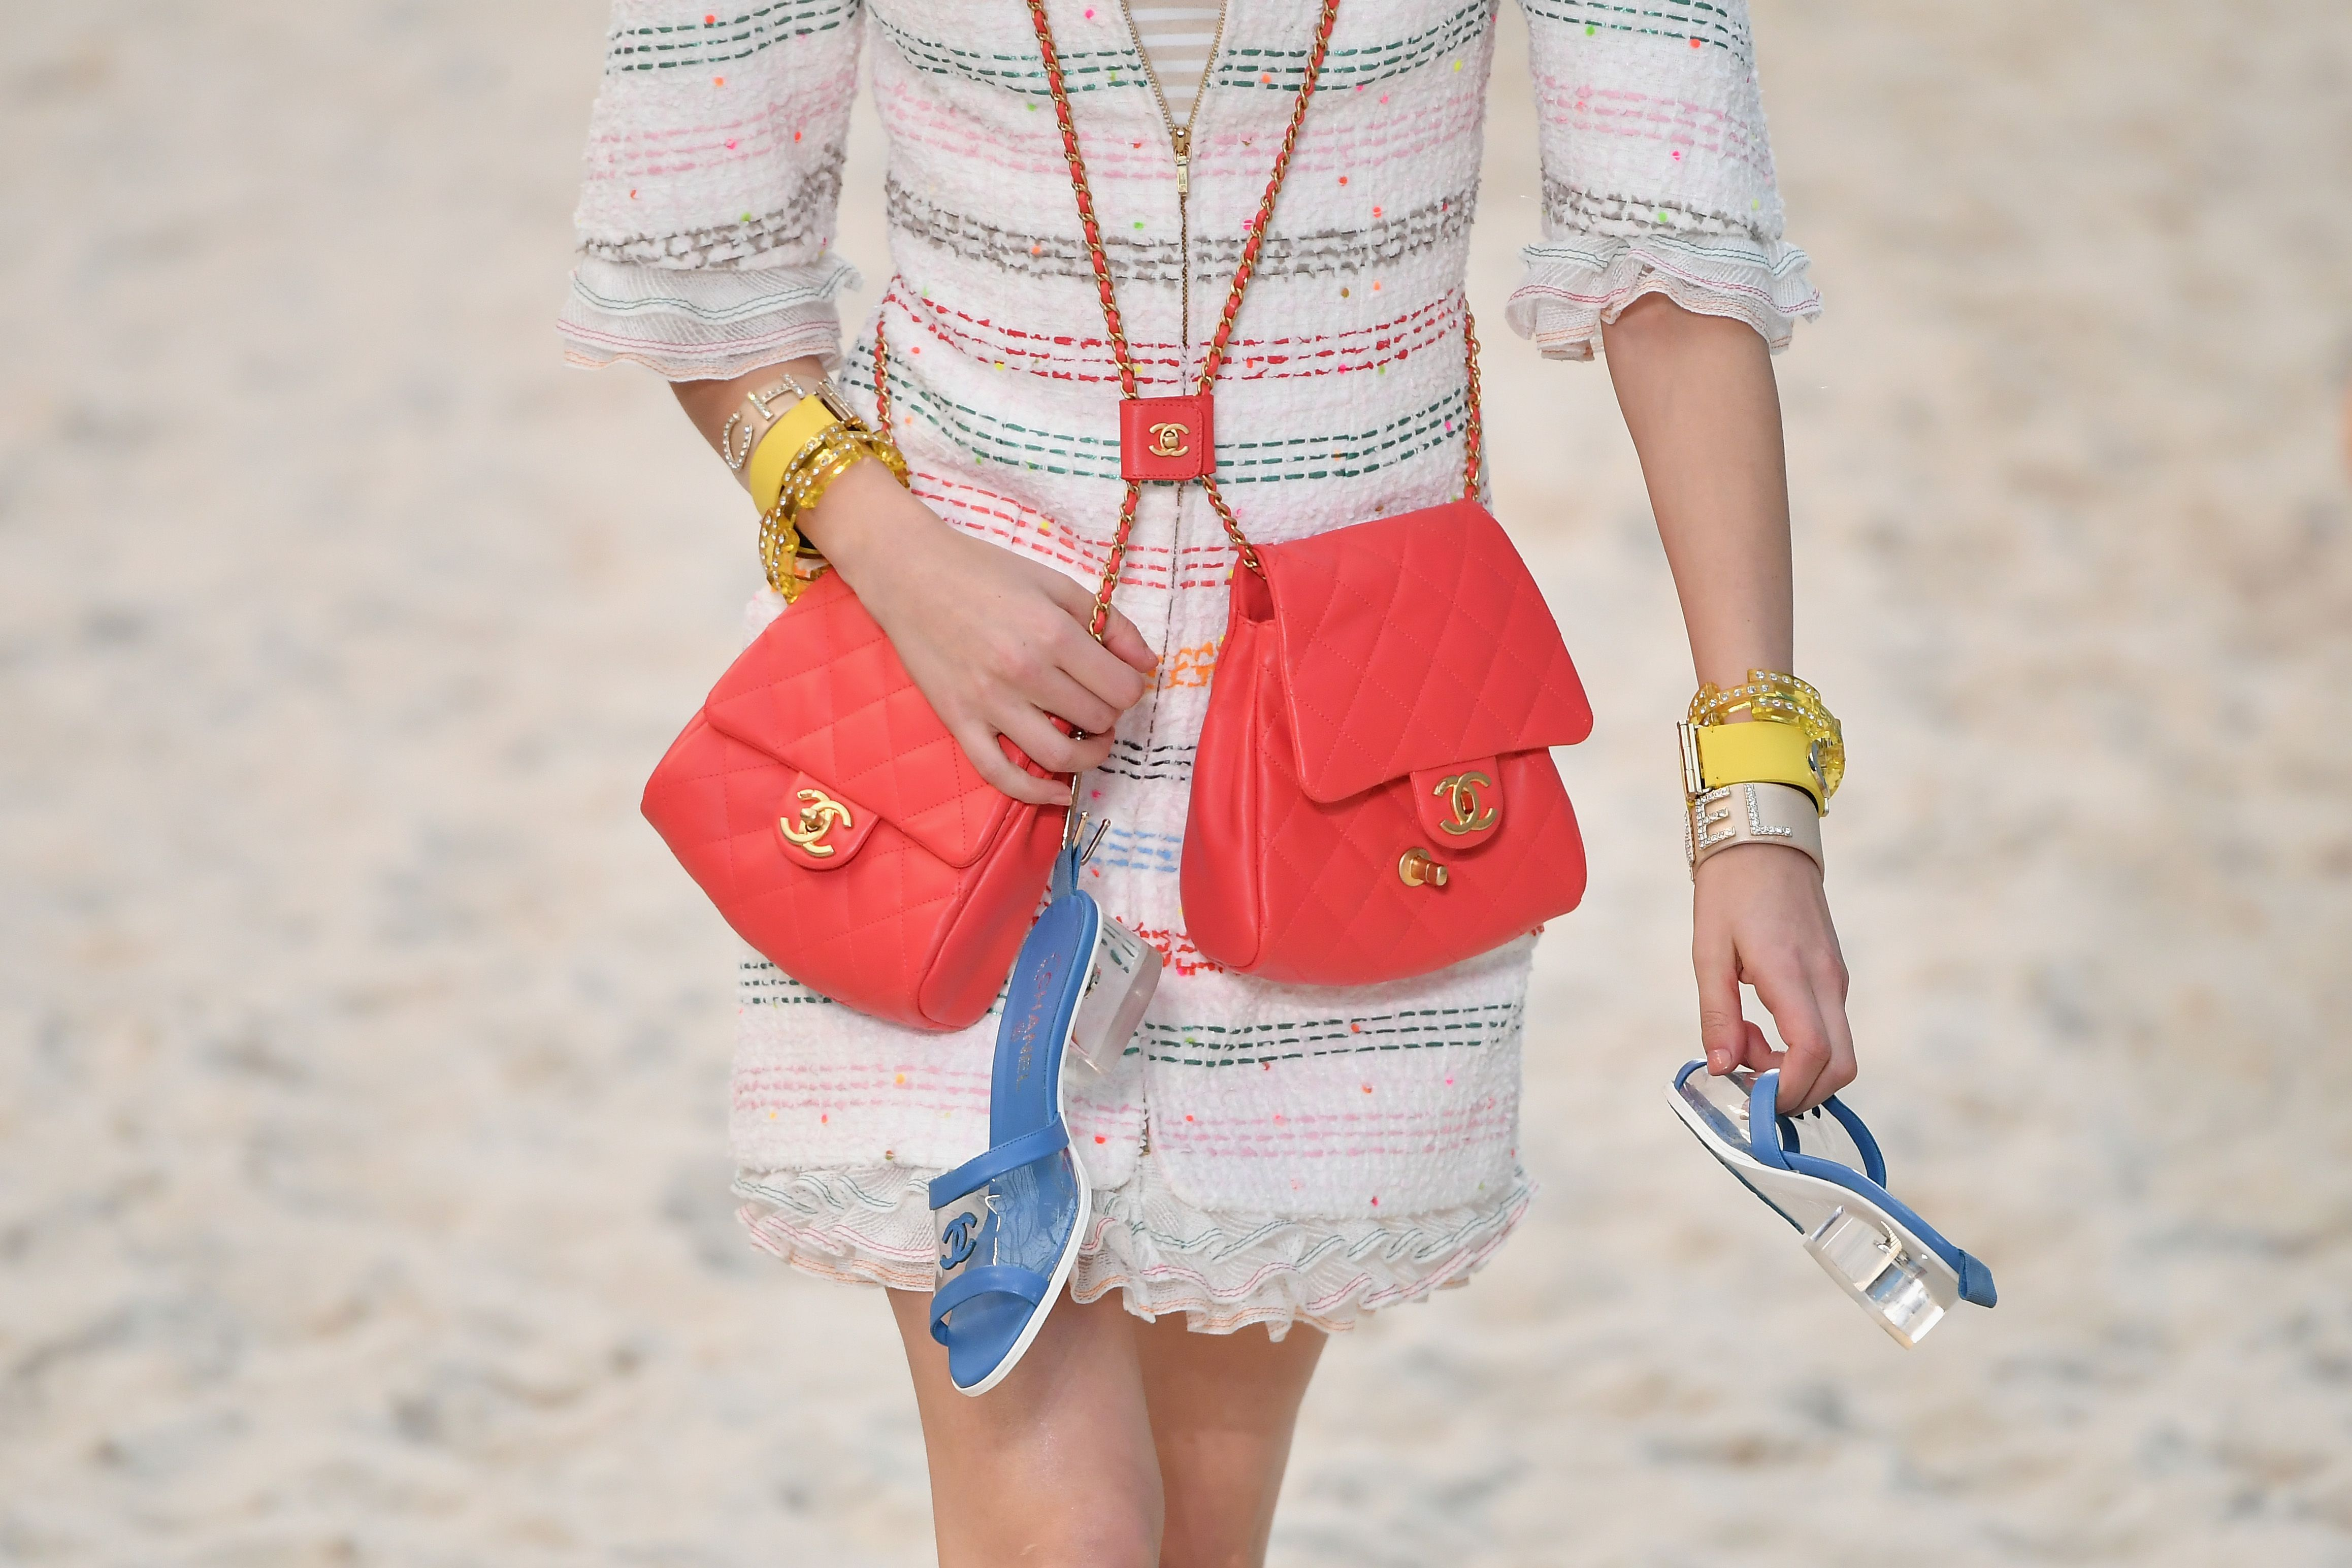 Chanel, 巴黎時裝週, 香奈兒,香奈兒包包,2019春夏,ELLE包打聽